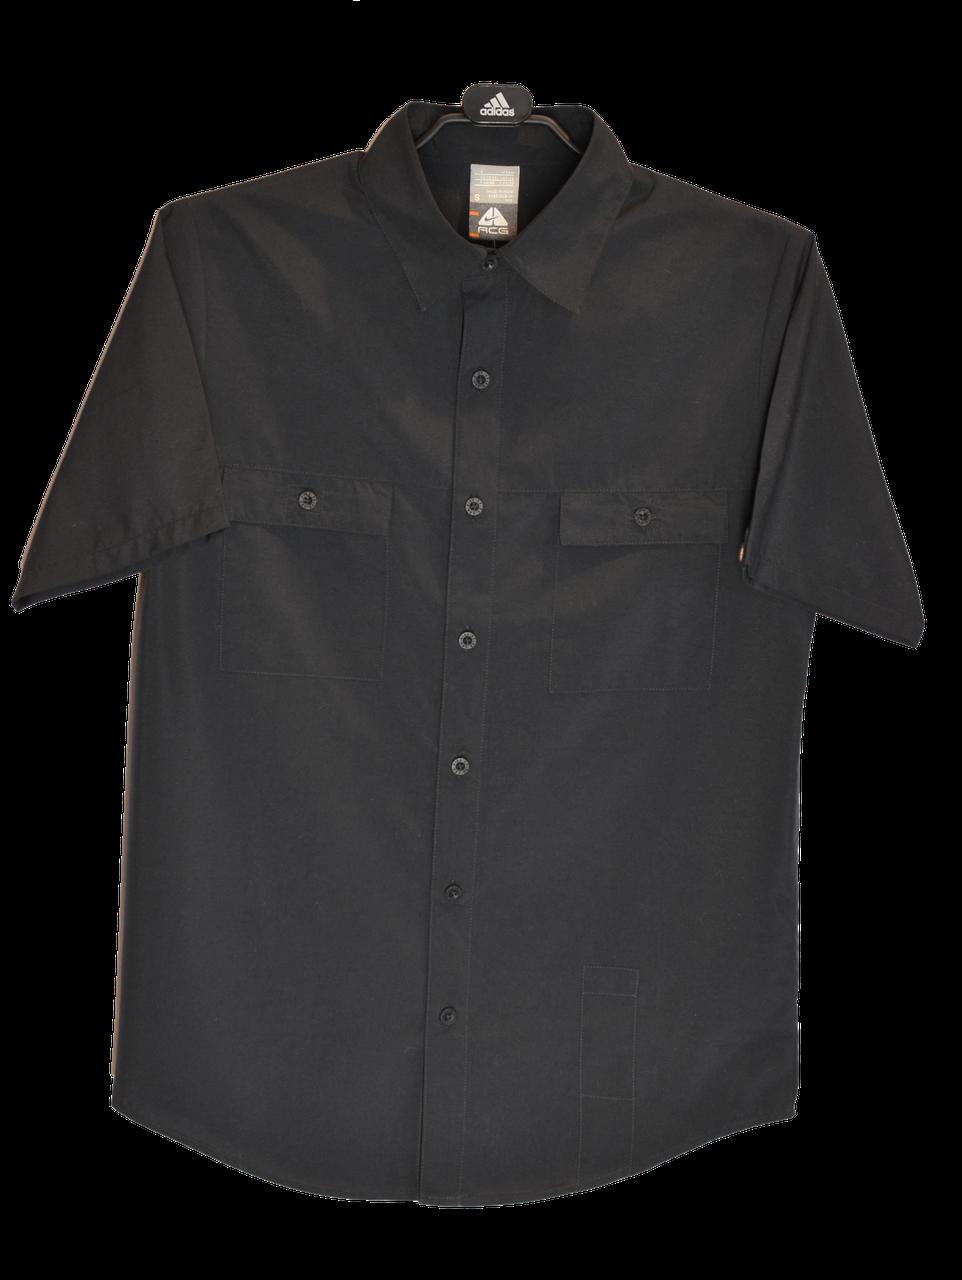 Мужская черная летняя рубашка ACG с коротким рукавом